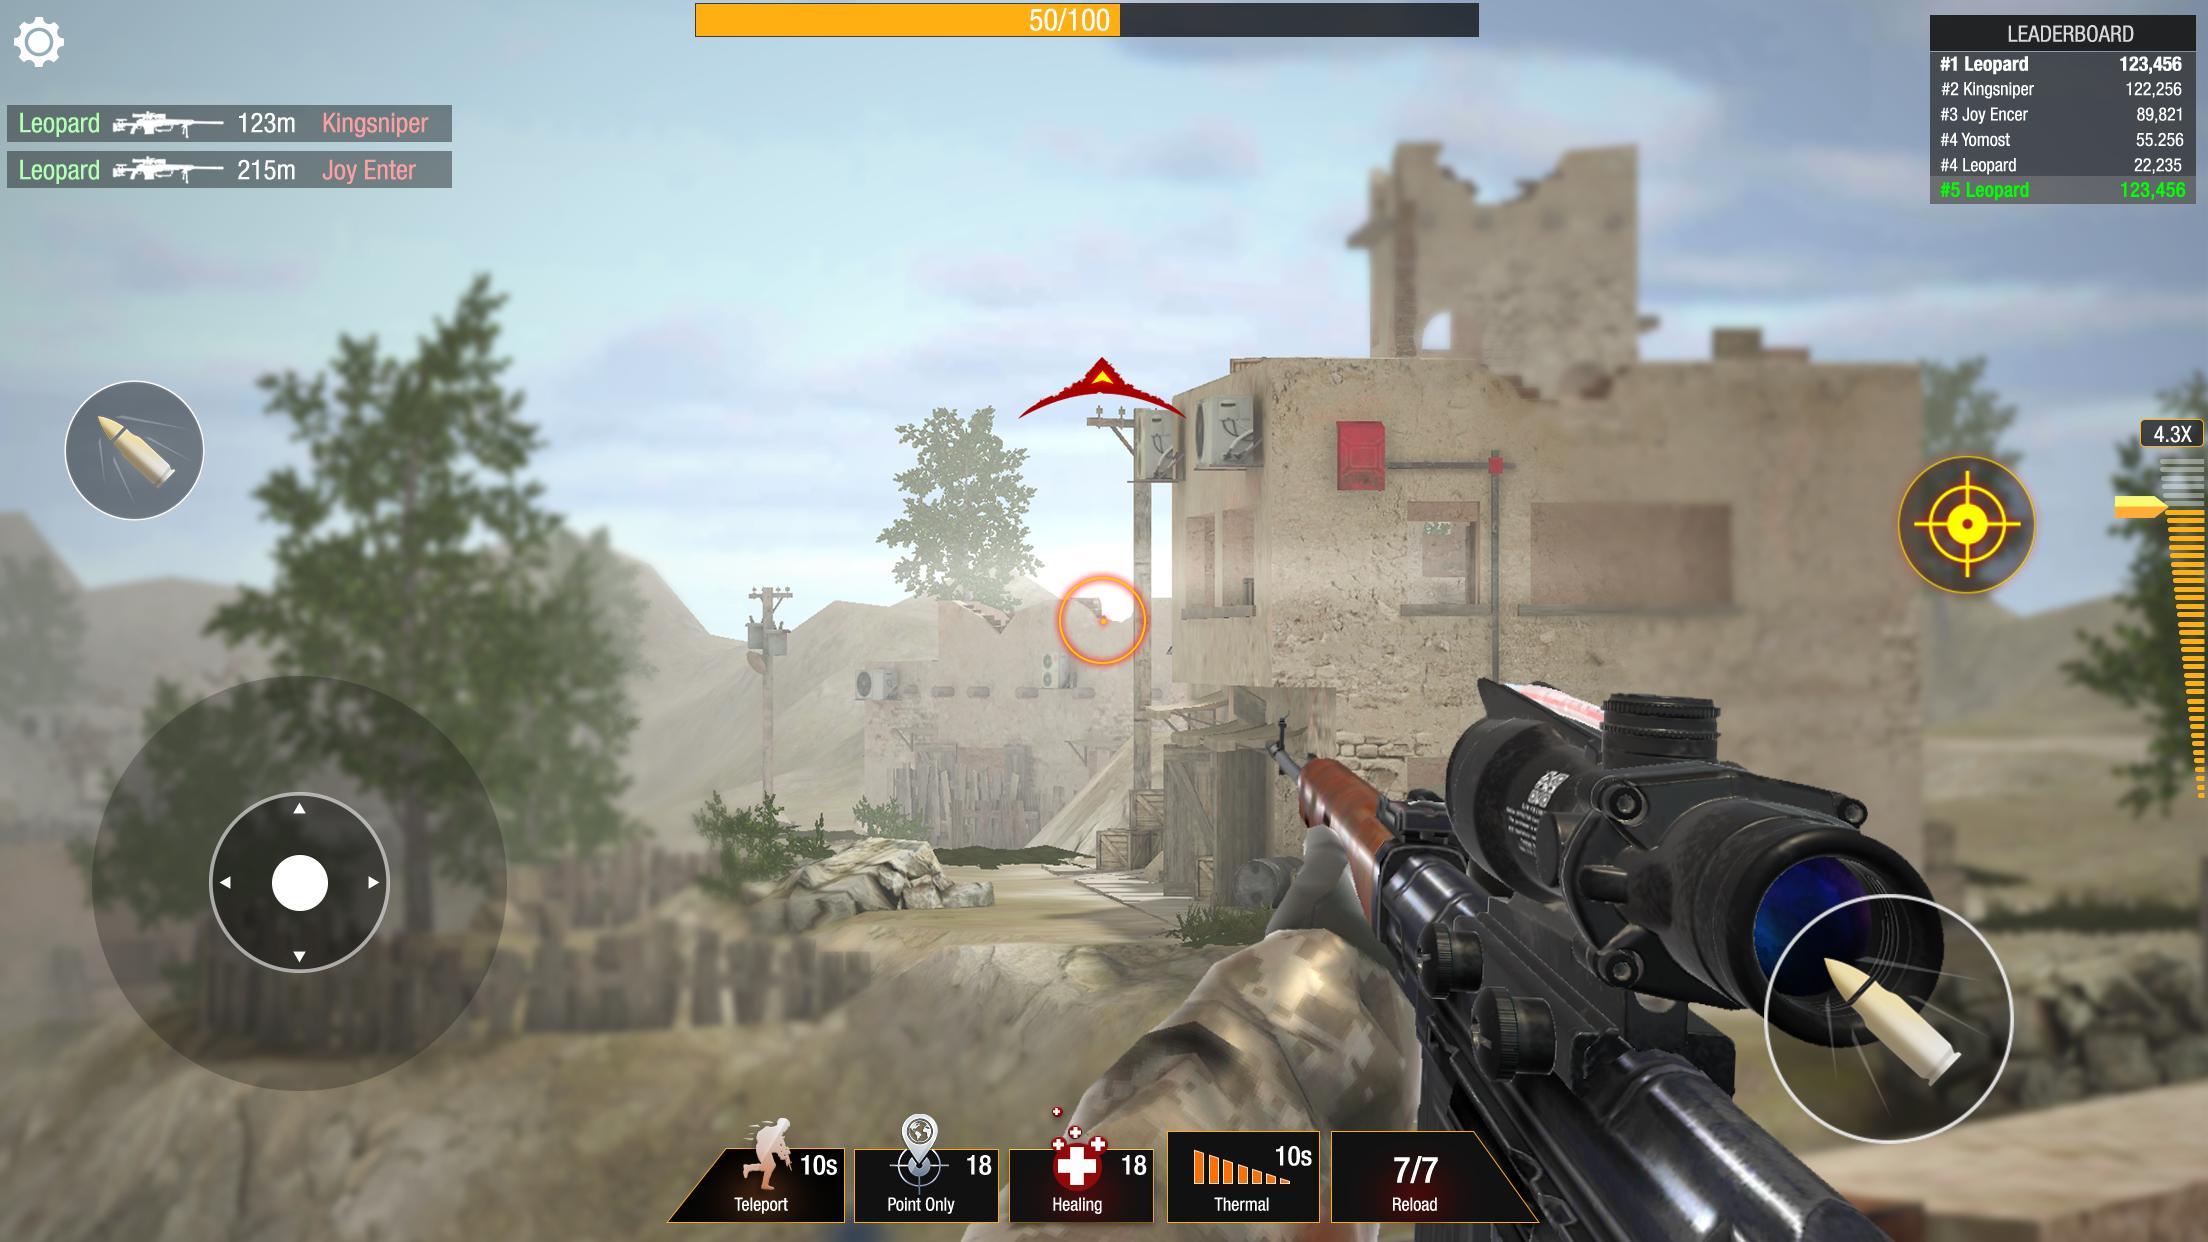 Jeu De Sniper: Bullet Strike - Jeu De Tir Gratuit Pour tout Jeux De Tire Gratuit